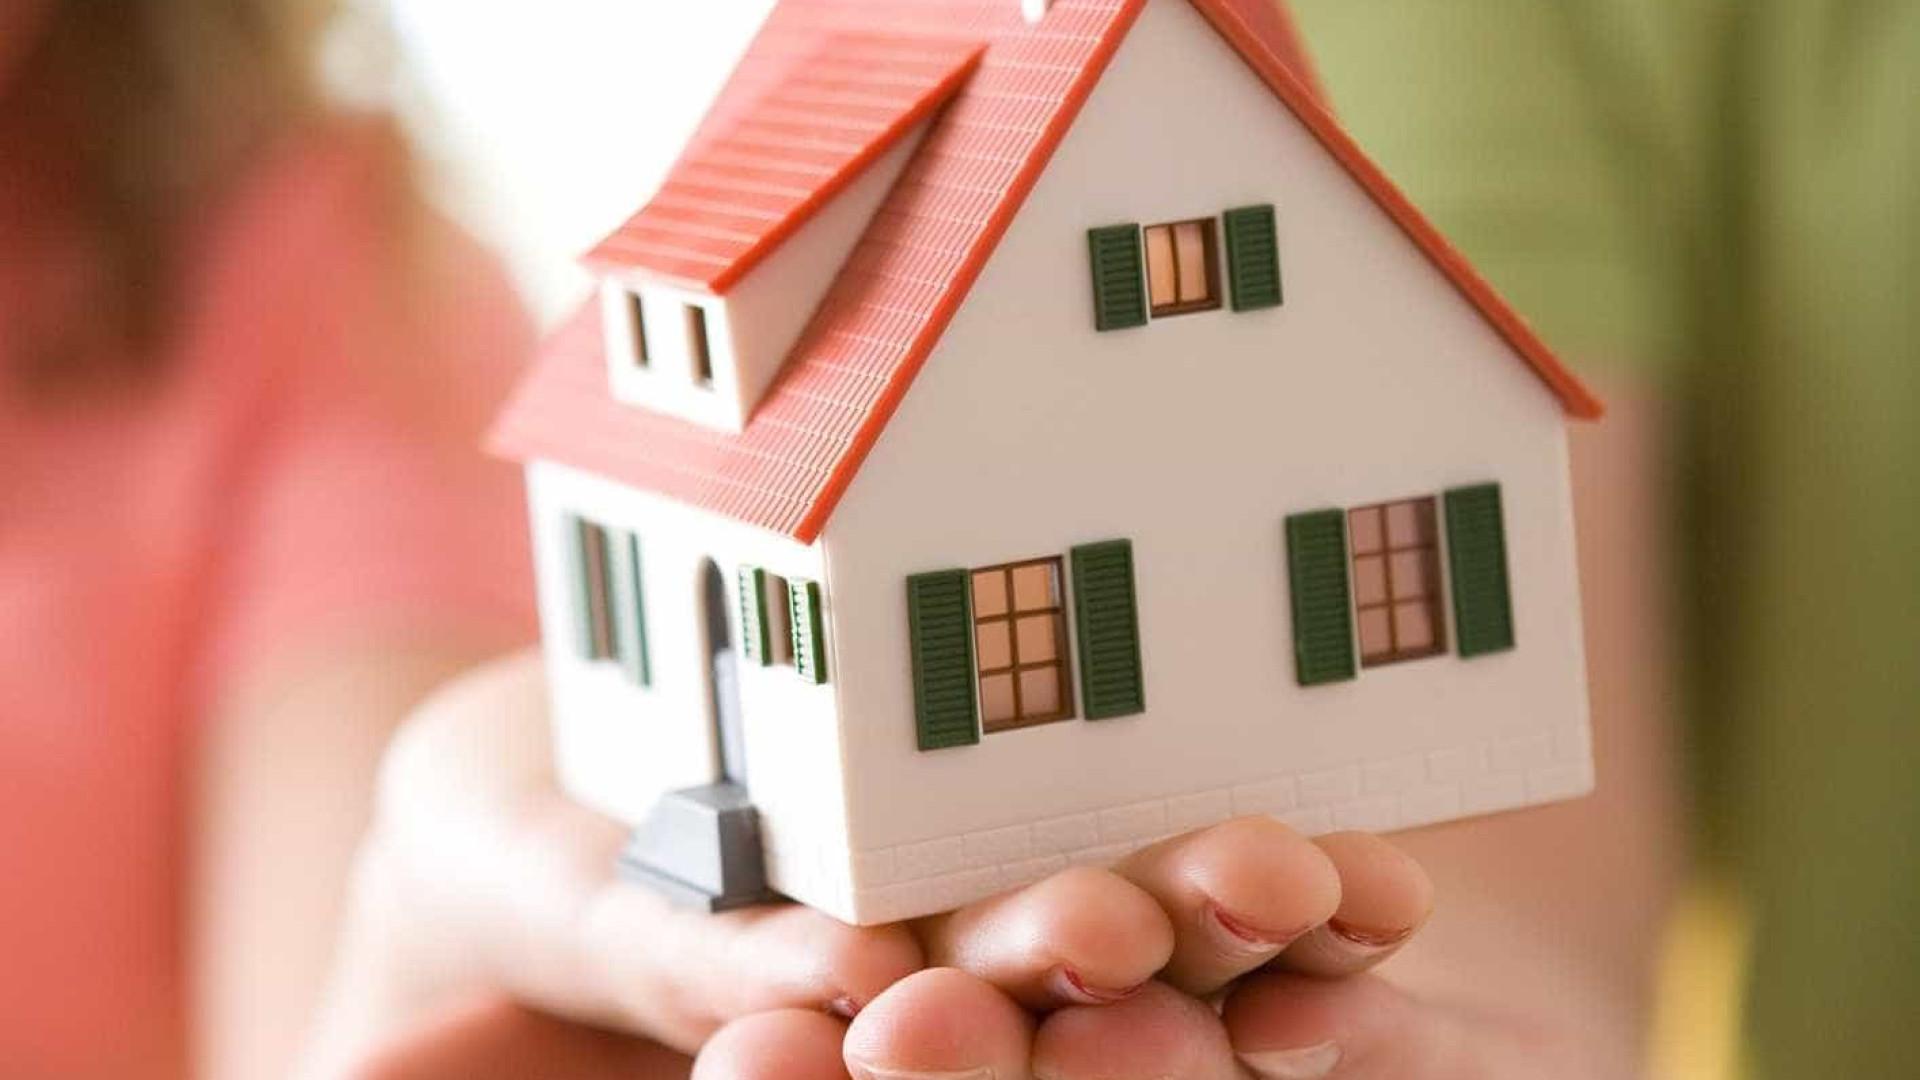 Caixa promove Feirão da Casa Própria em sete cidades até domingo